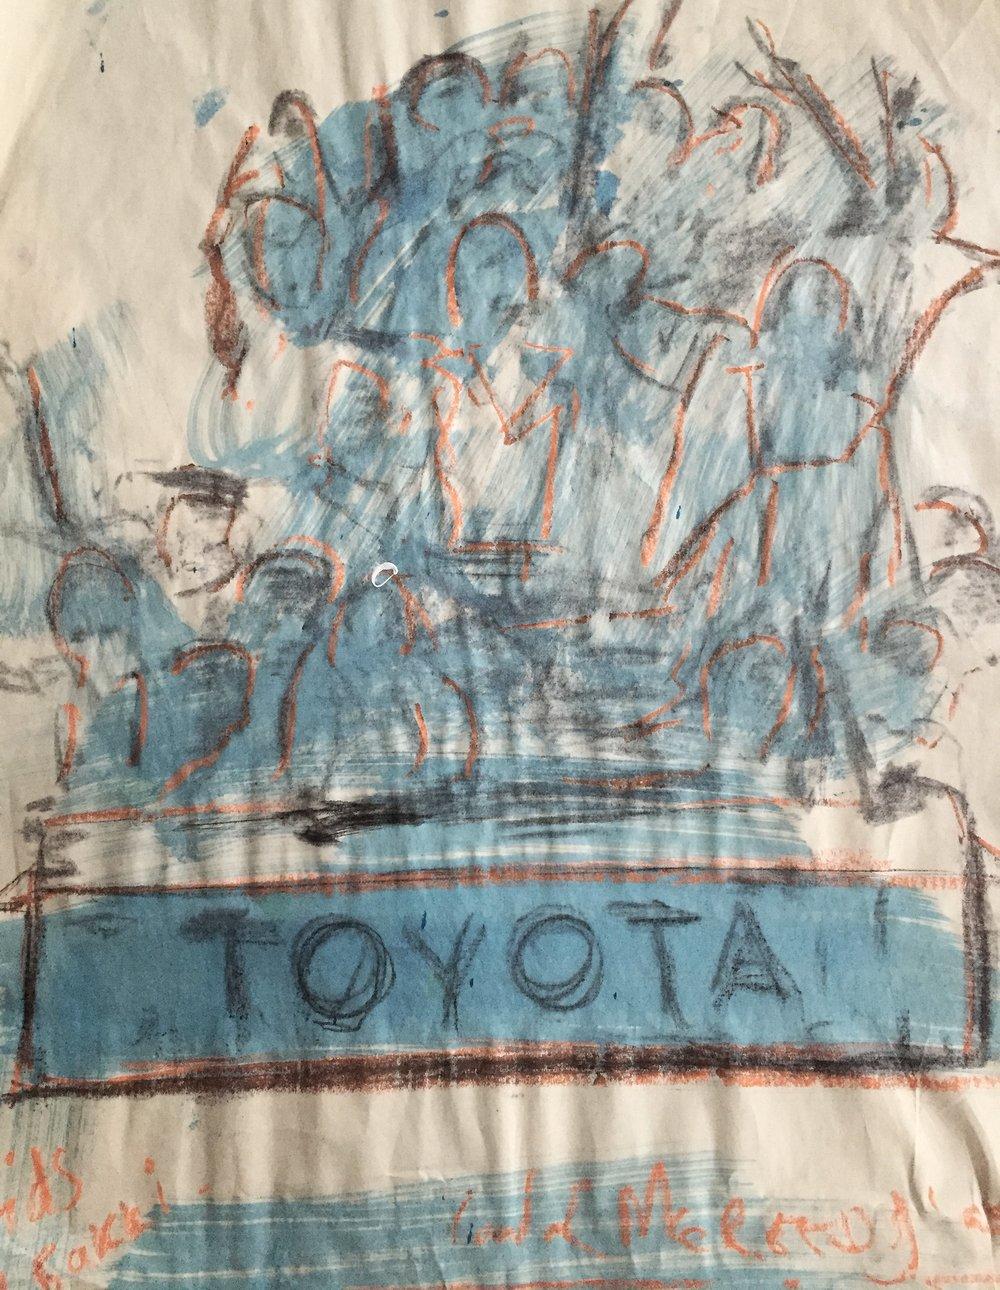 Children In Toyota Bakkie